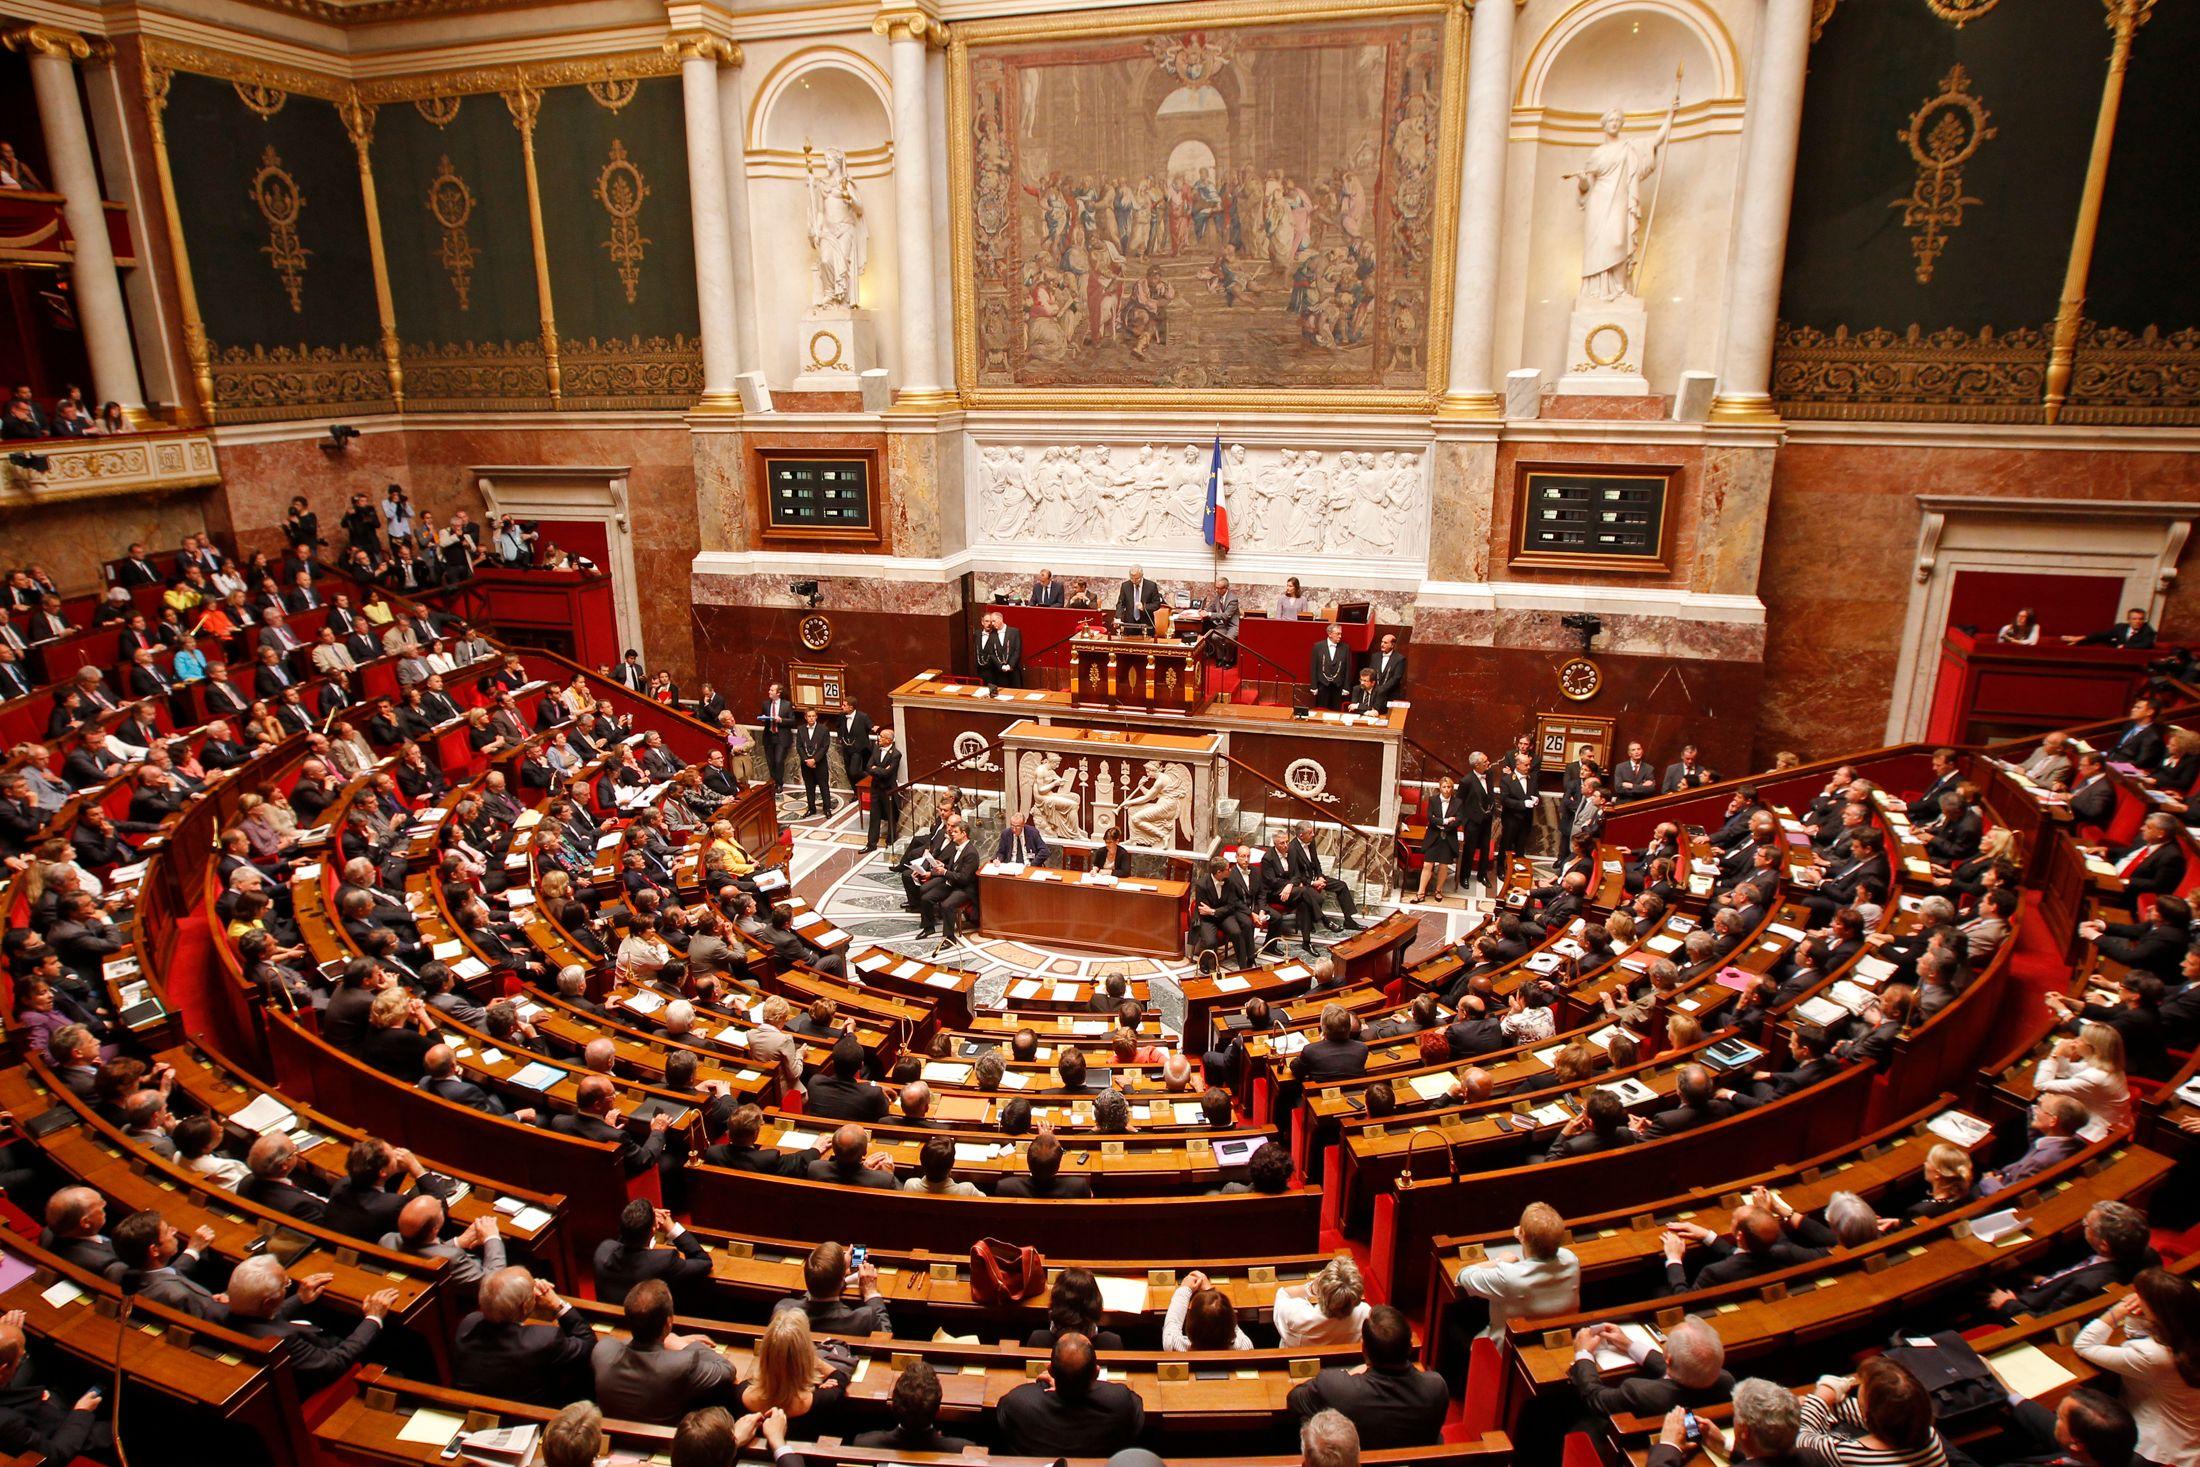 L'Assemblée nationale a commencé ce mardi l'examen du texte sur le mariage pour tous.